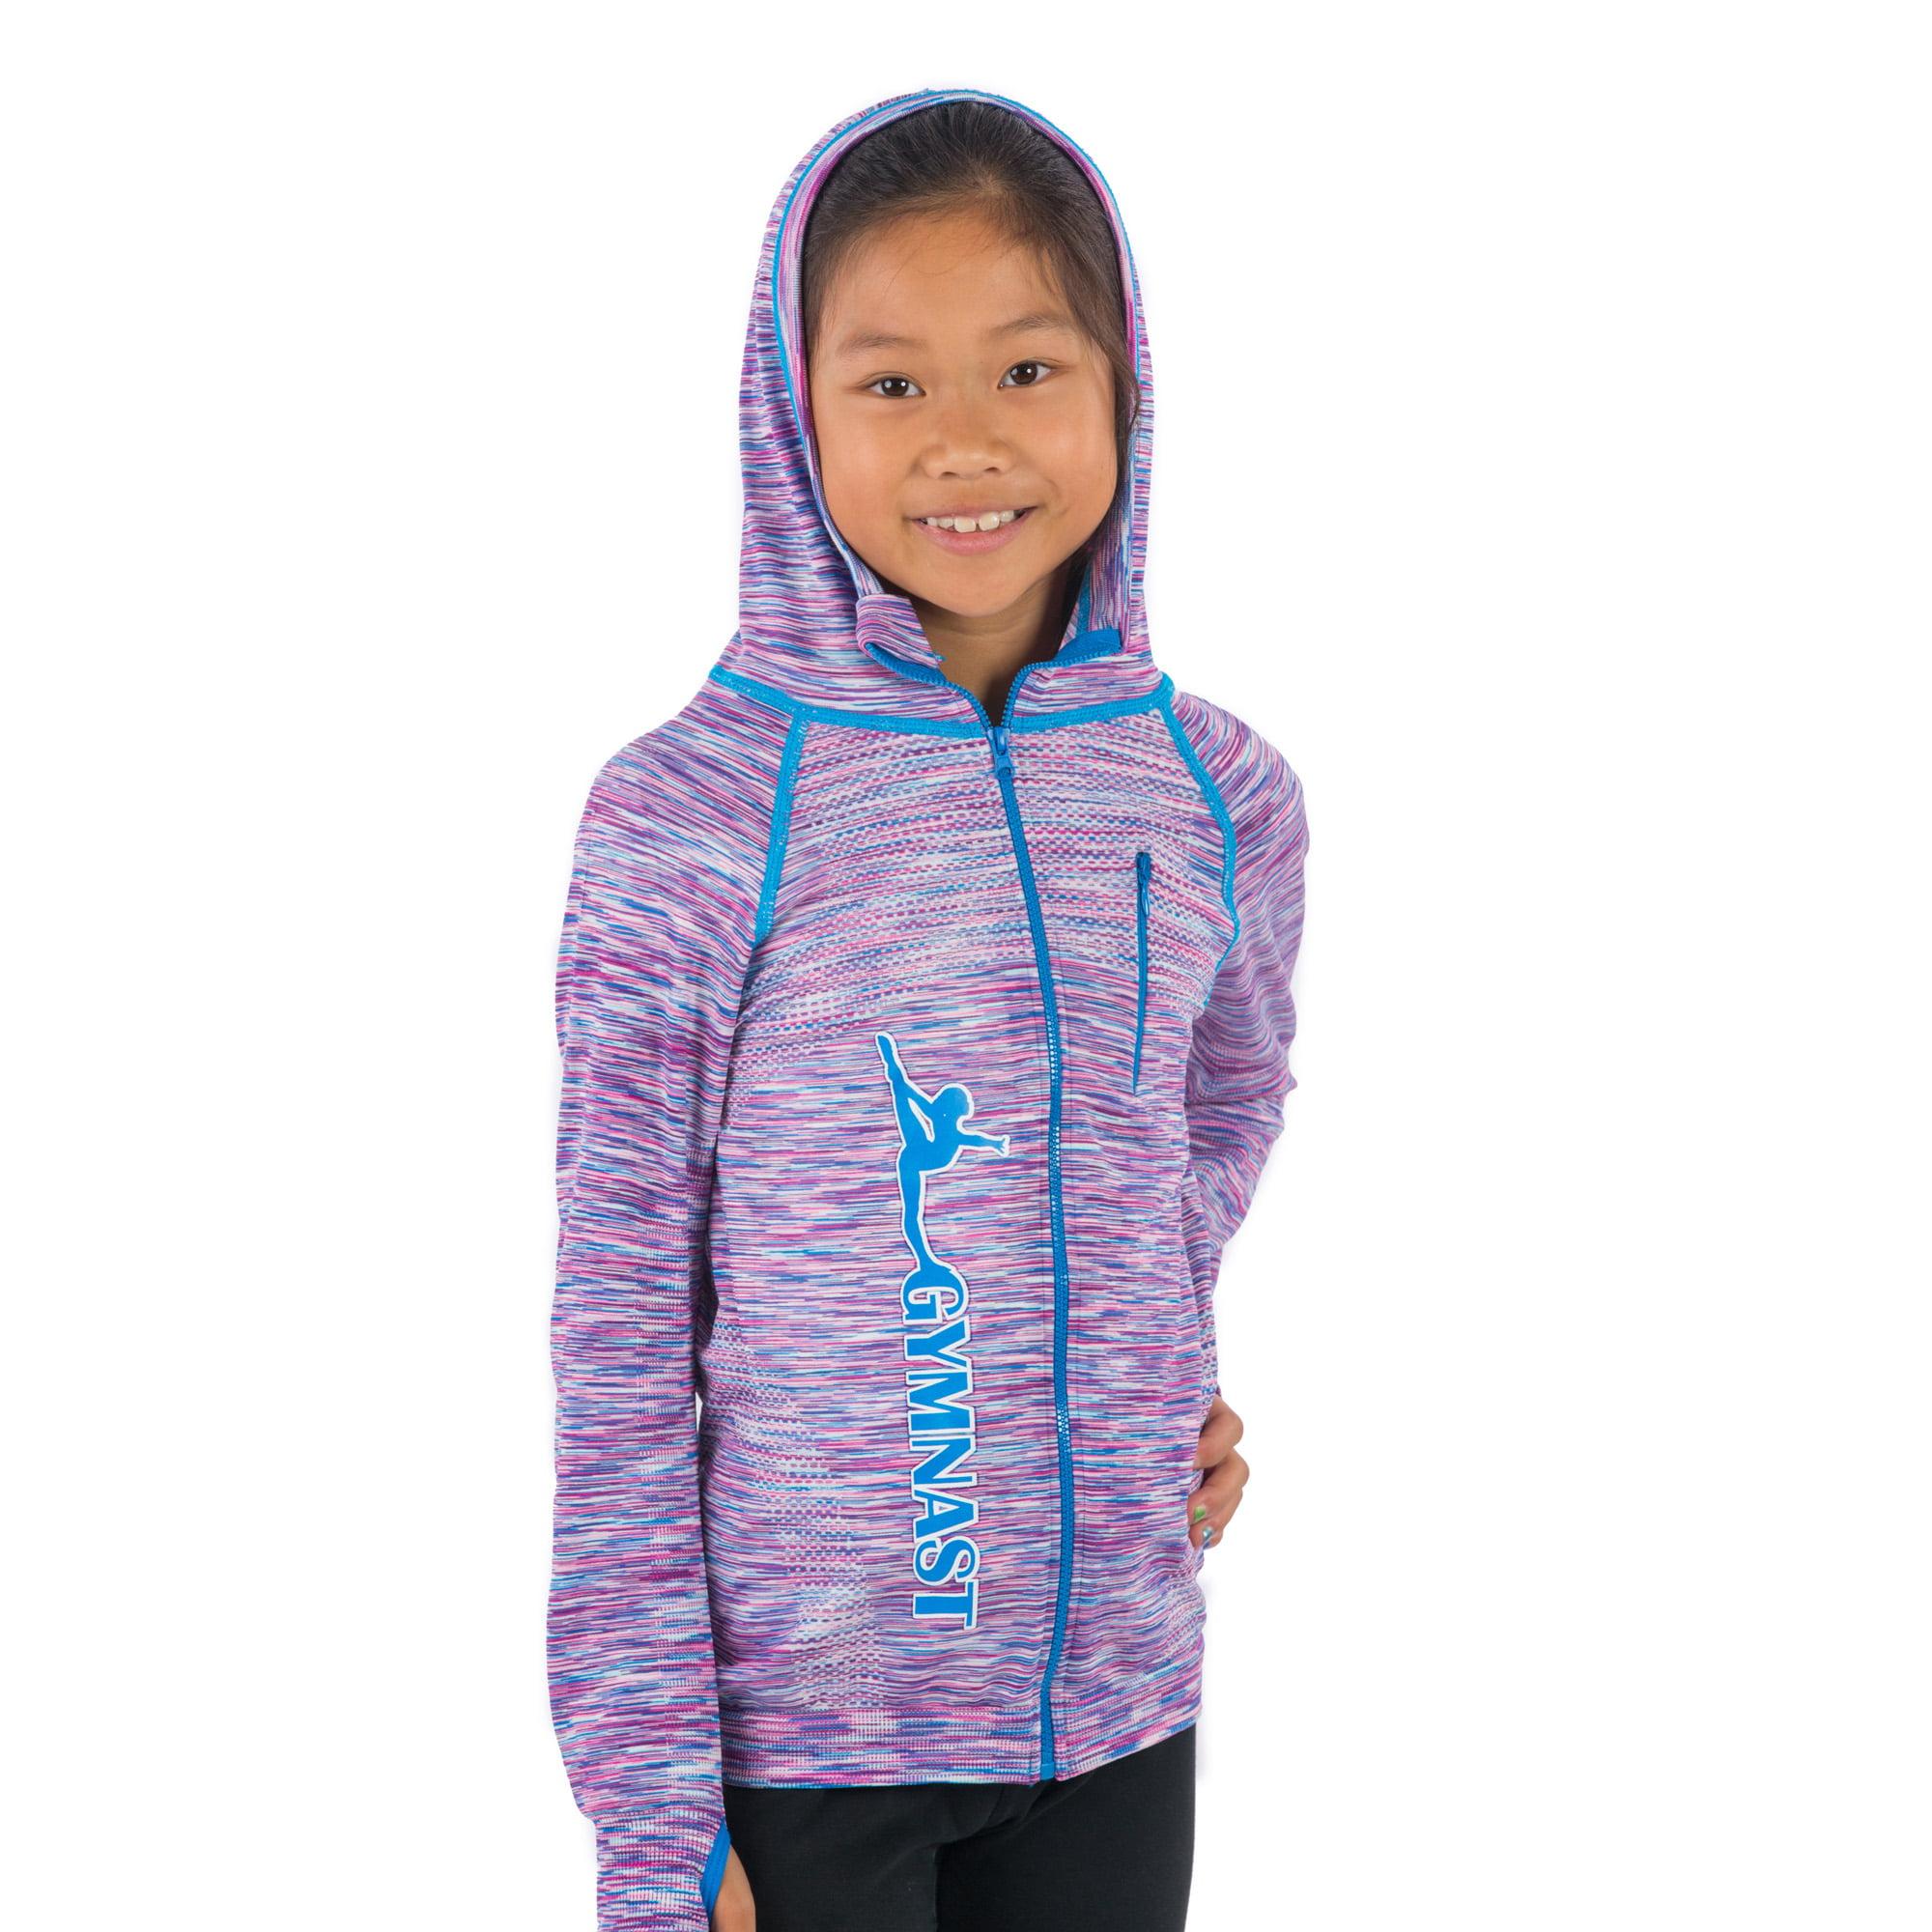 cdfaff767 Lizatards - Lizatards Gymnast Stretch Hoodie Space Dye Jacket Girls ...